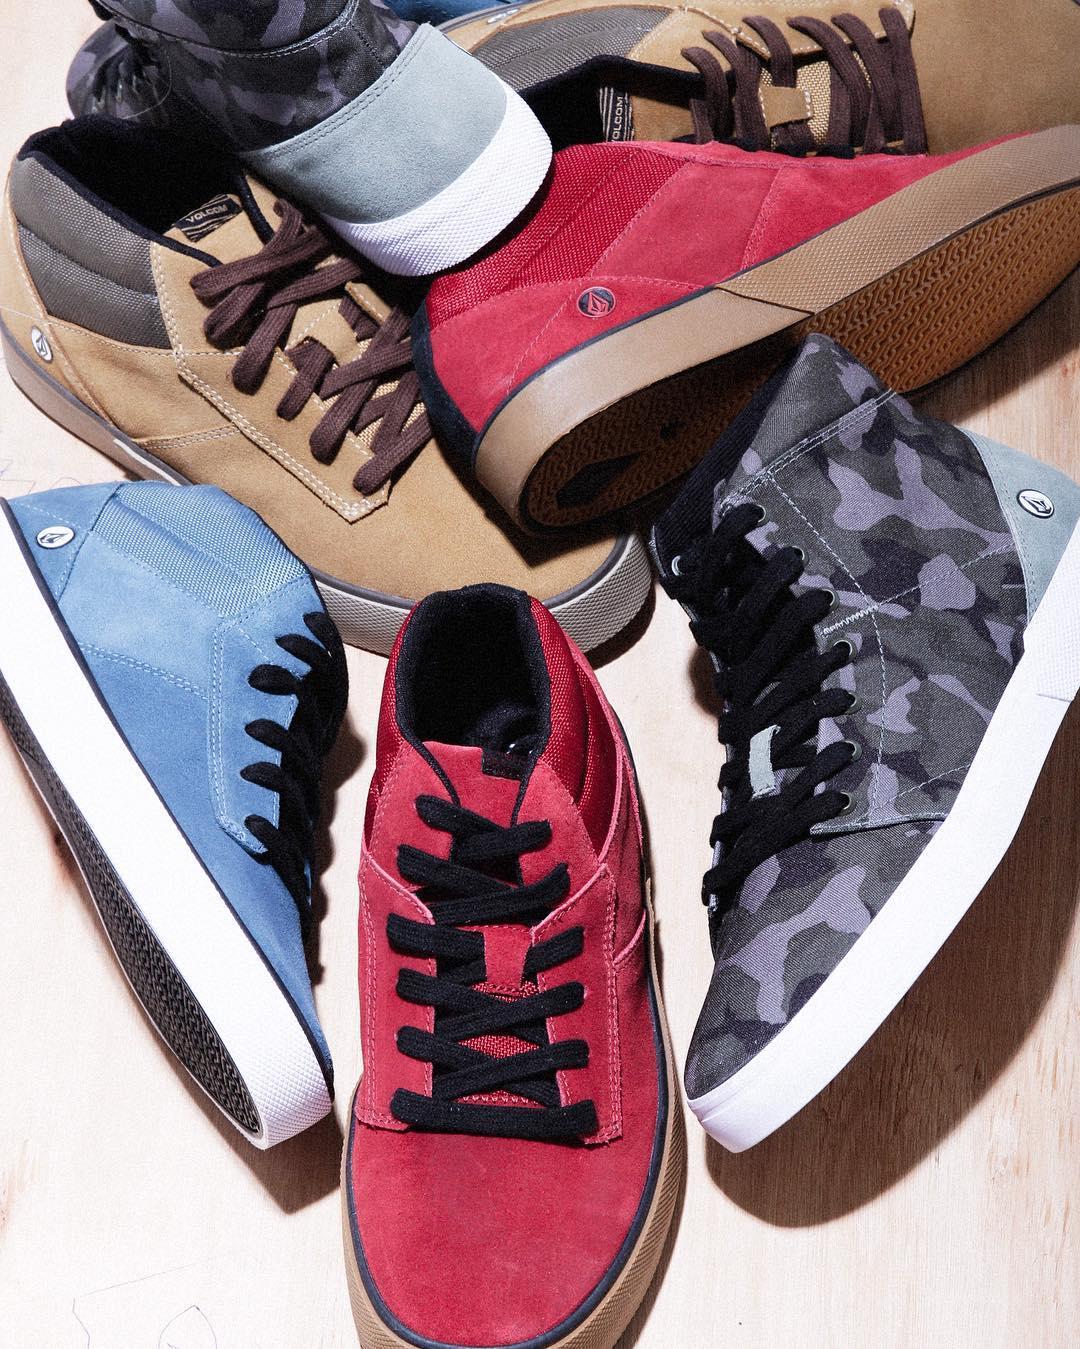 Grimm Mid 2 + Buzzard Camo, lo nuevo de #volcomfootwear #AW16